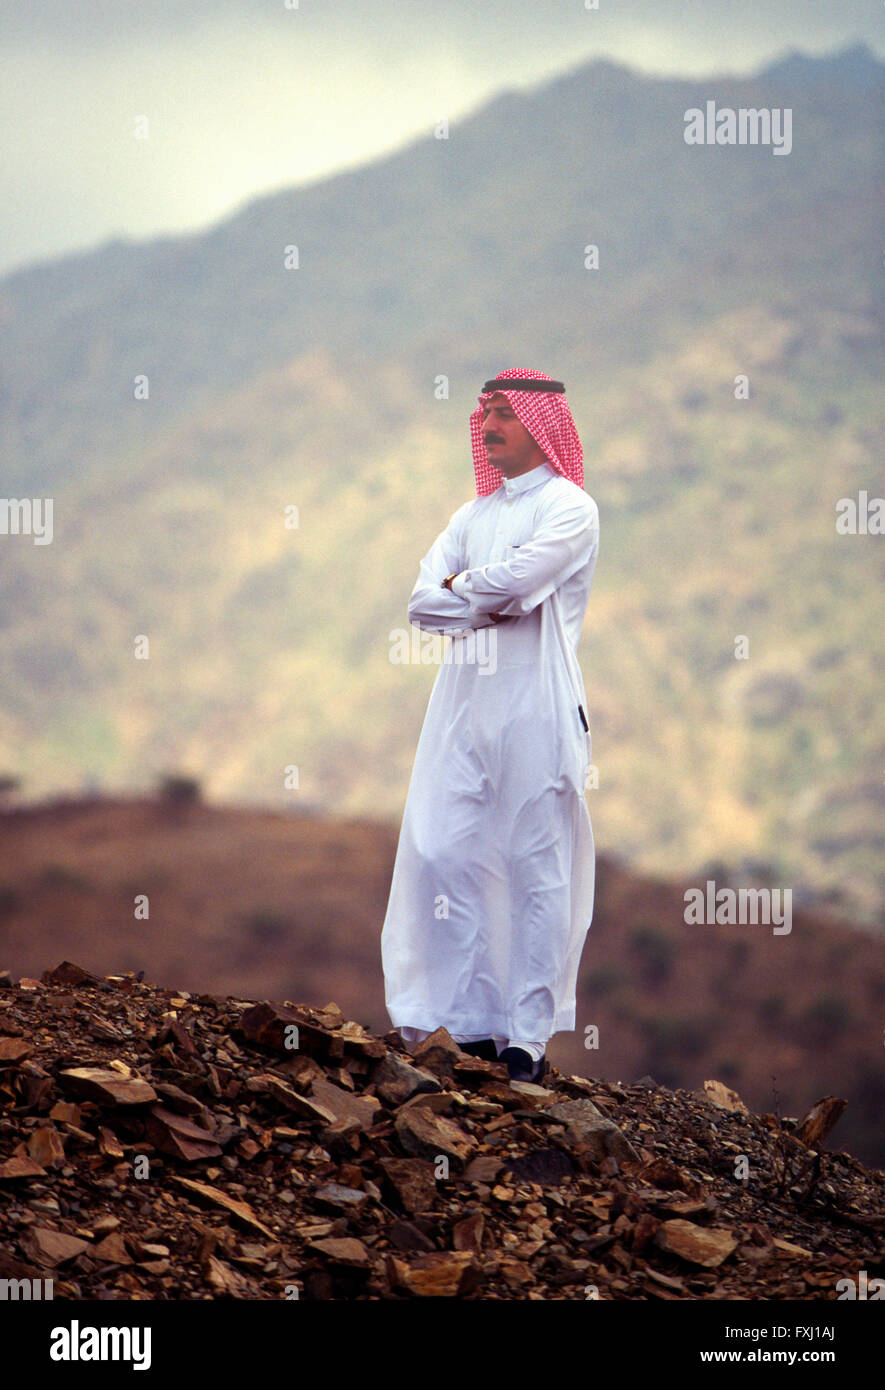 Retrato exterior árabe de hombre vestido con ropas tradicionales; Asir Región; el Reino de Arabia Saudita Imagen De Stock